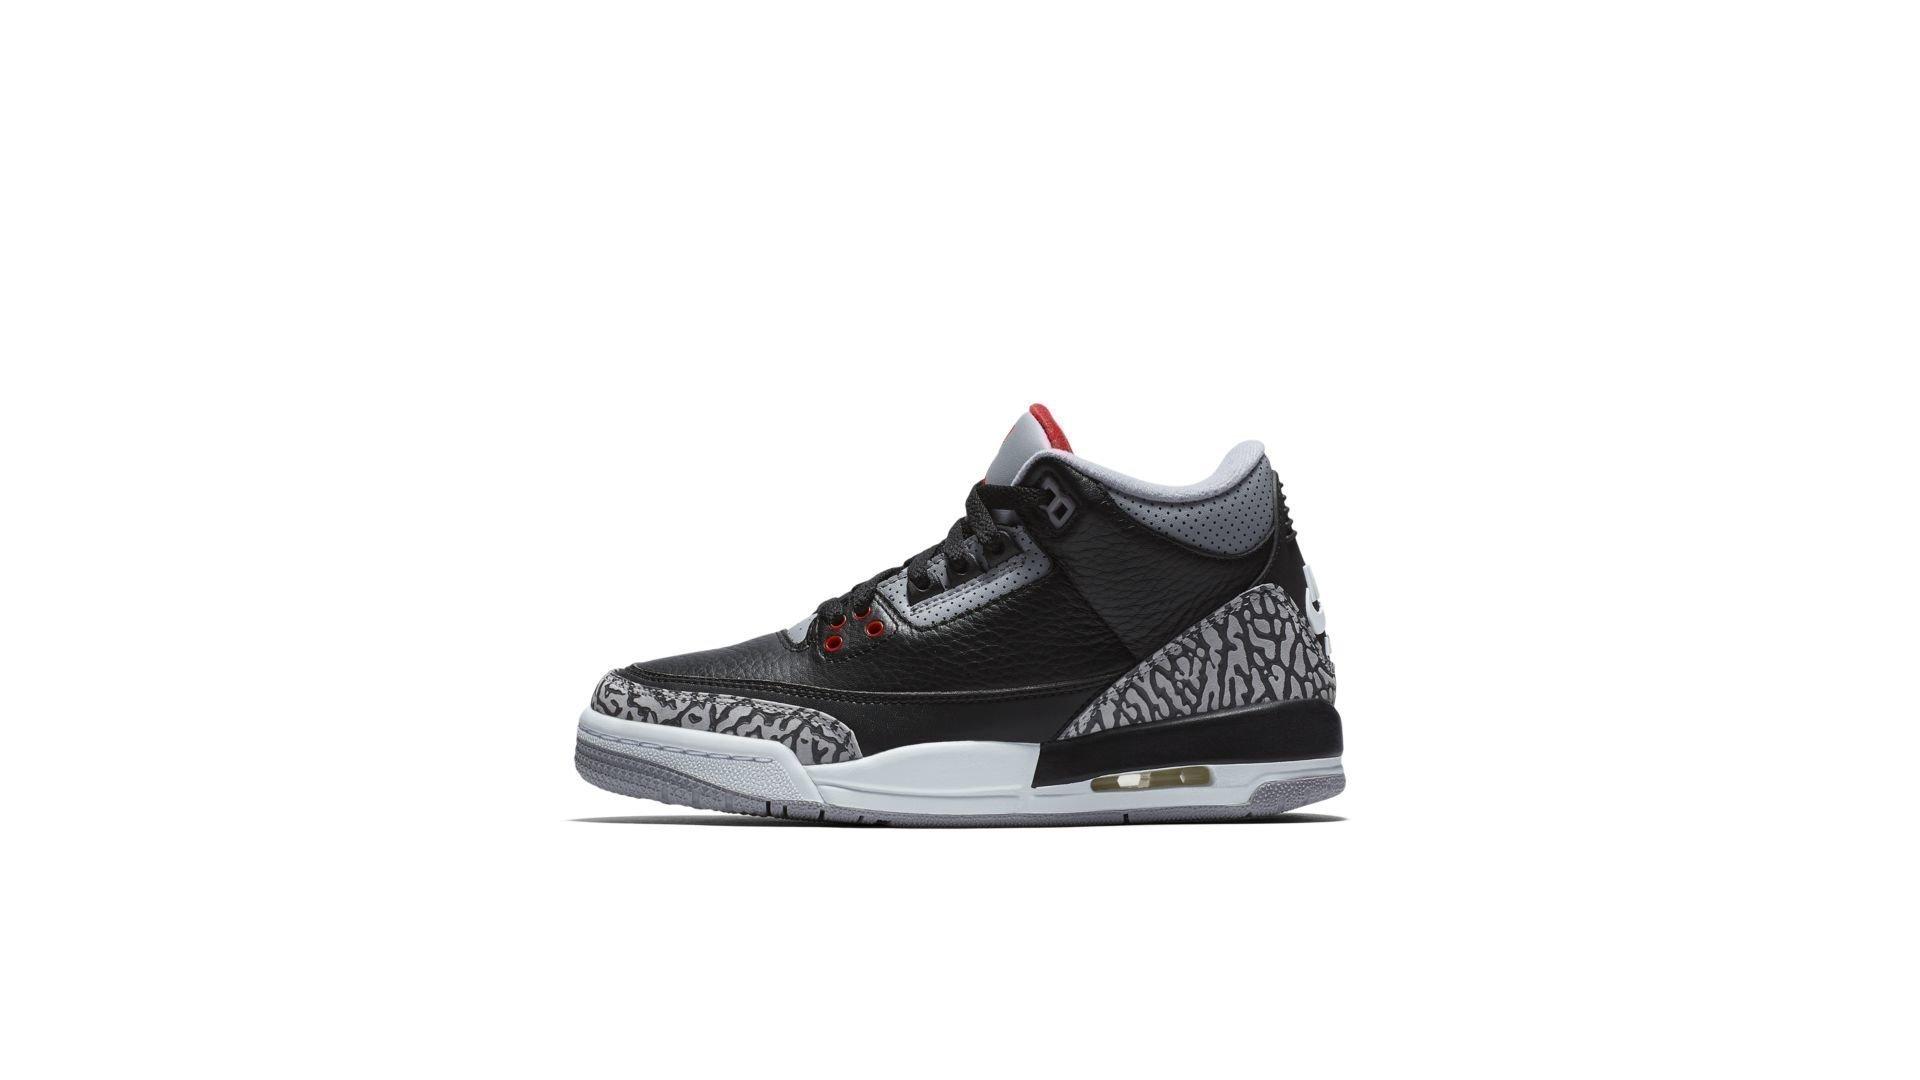 Jordan 3 Retro Black Cement 2018 (GS) (854261-001)